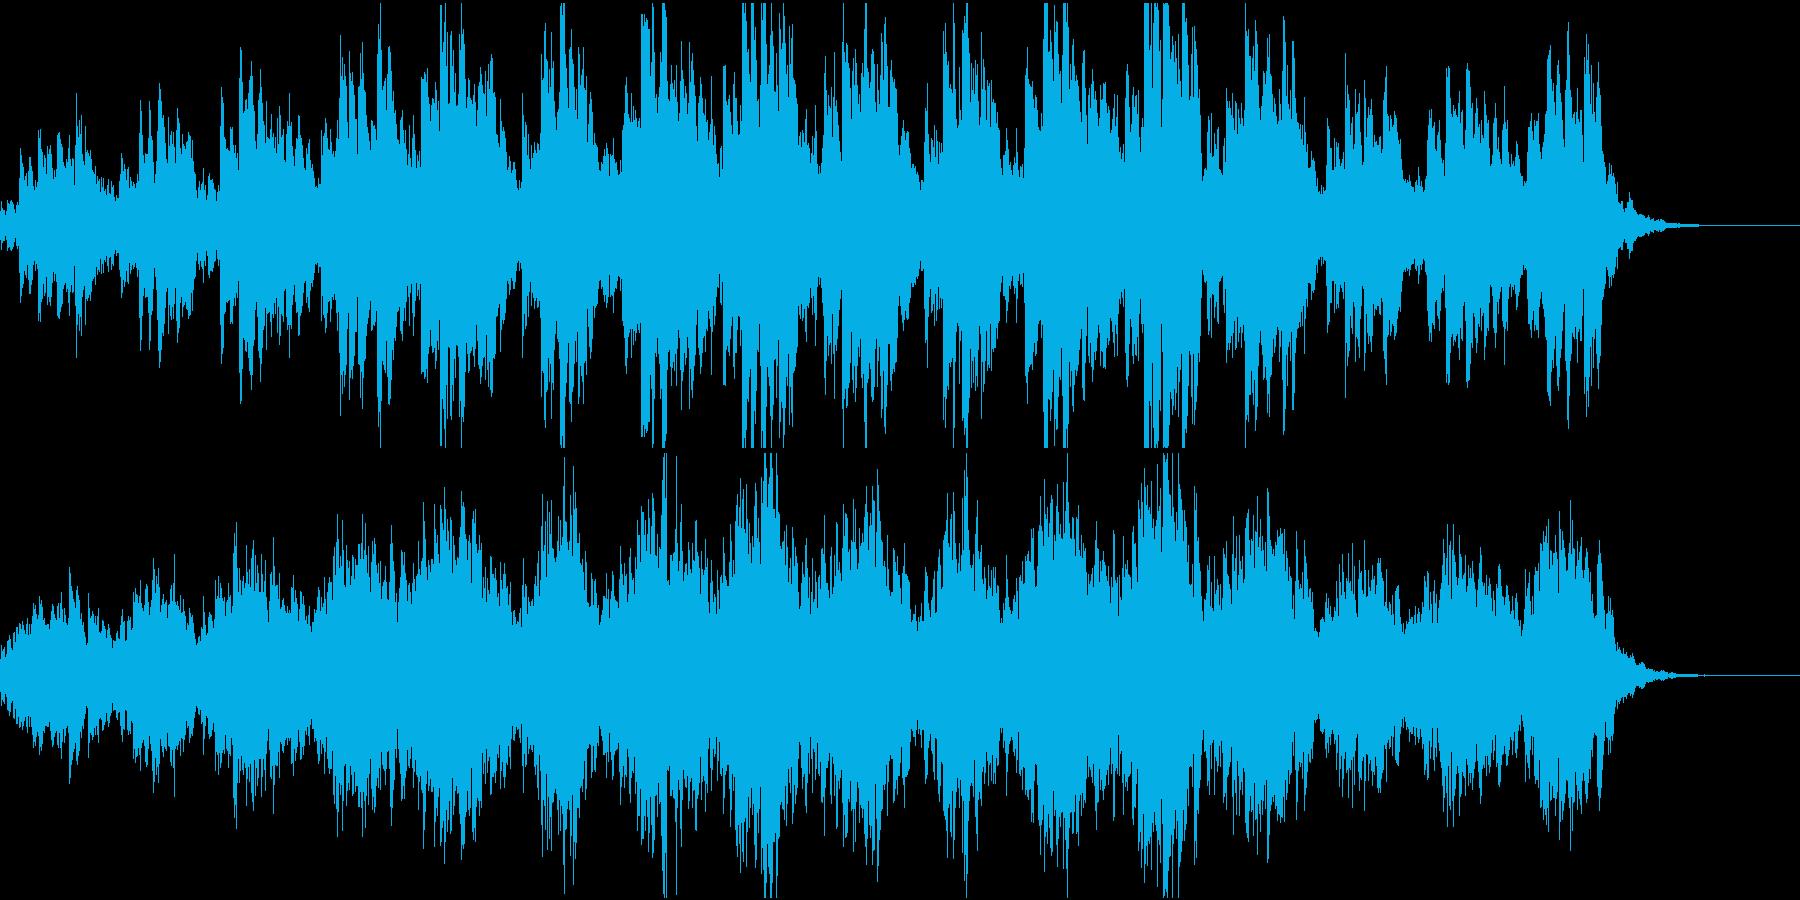 幻想的で始まりを感じるアンビエントの再生済みの波形